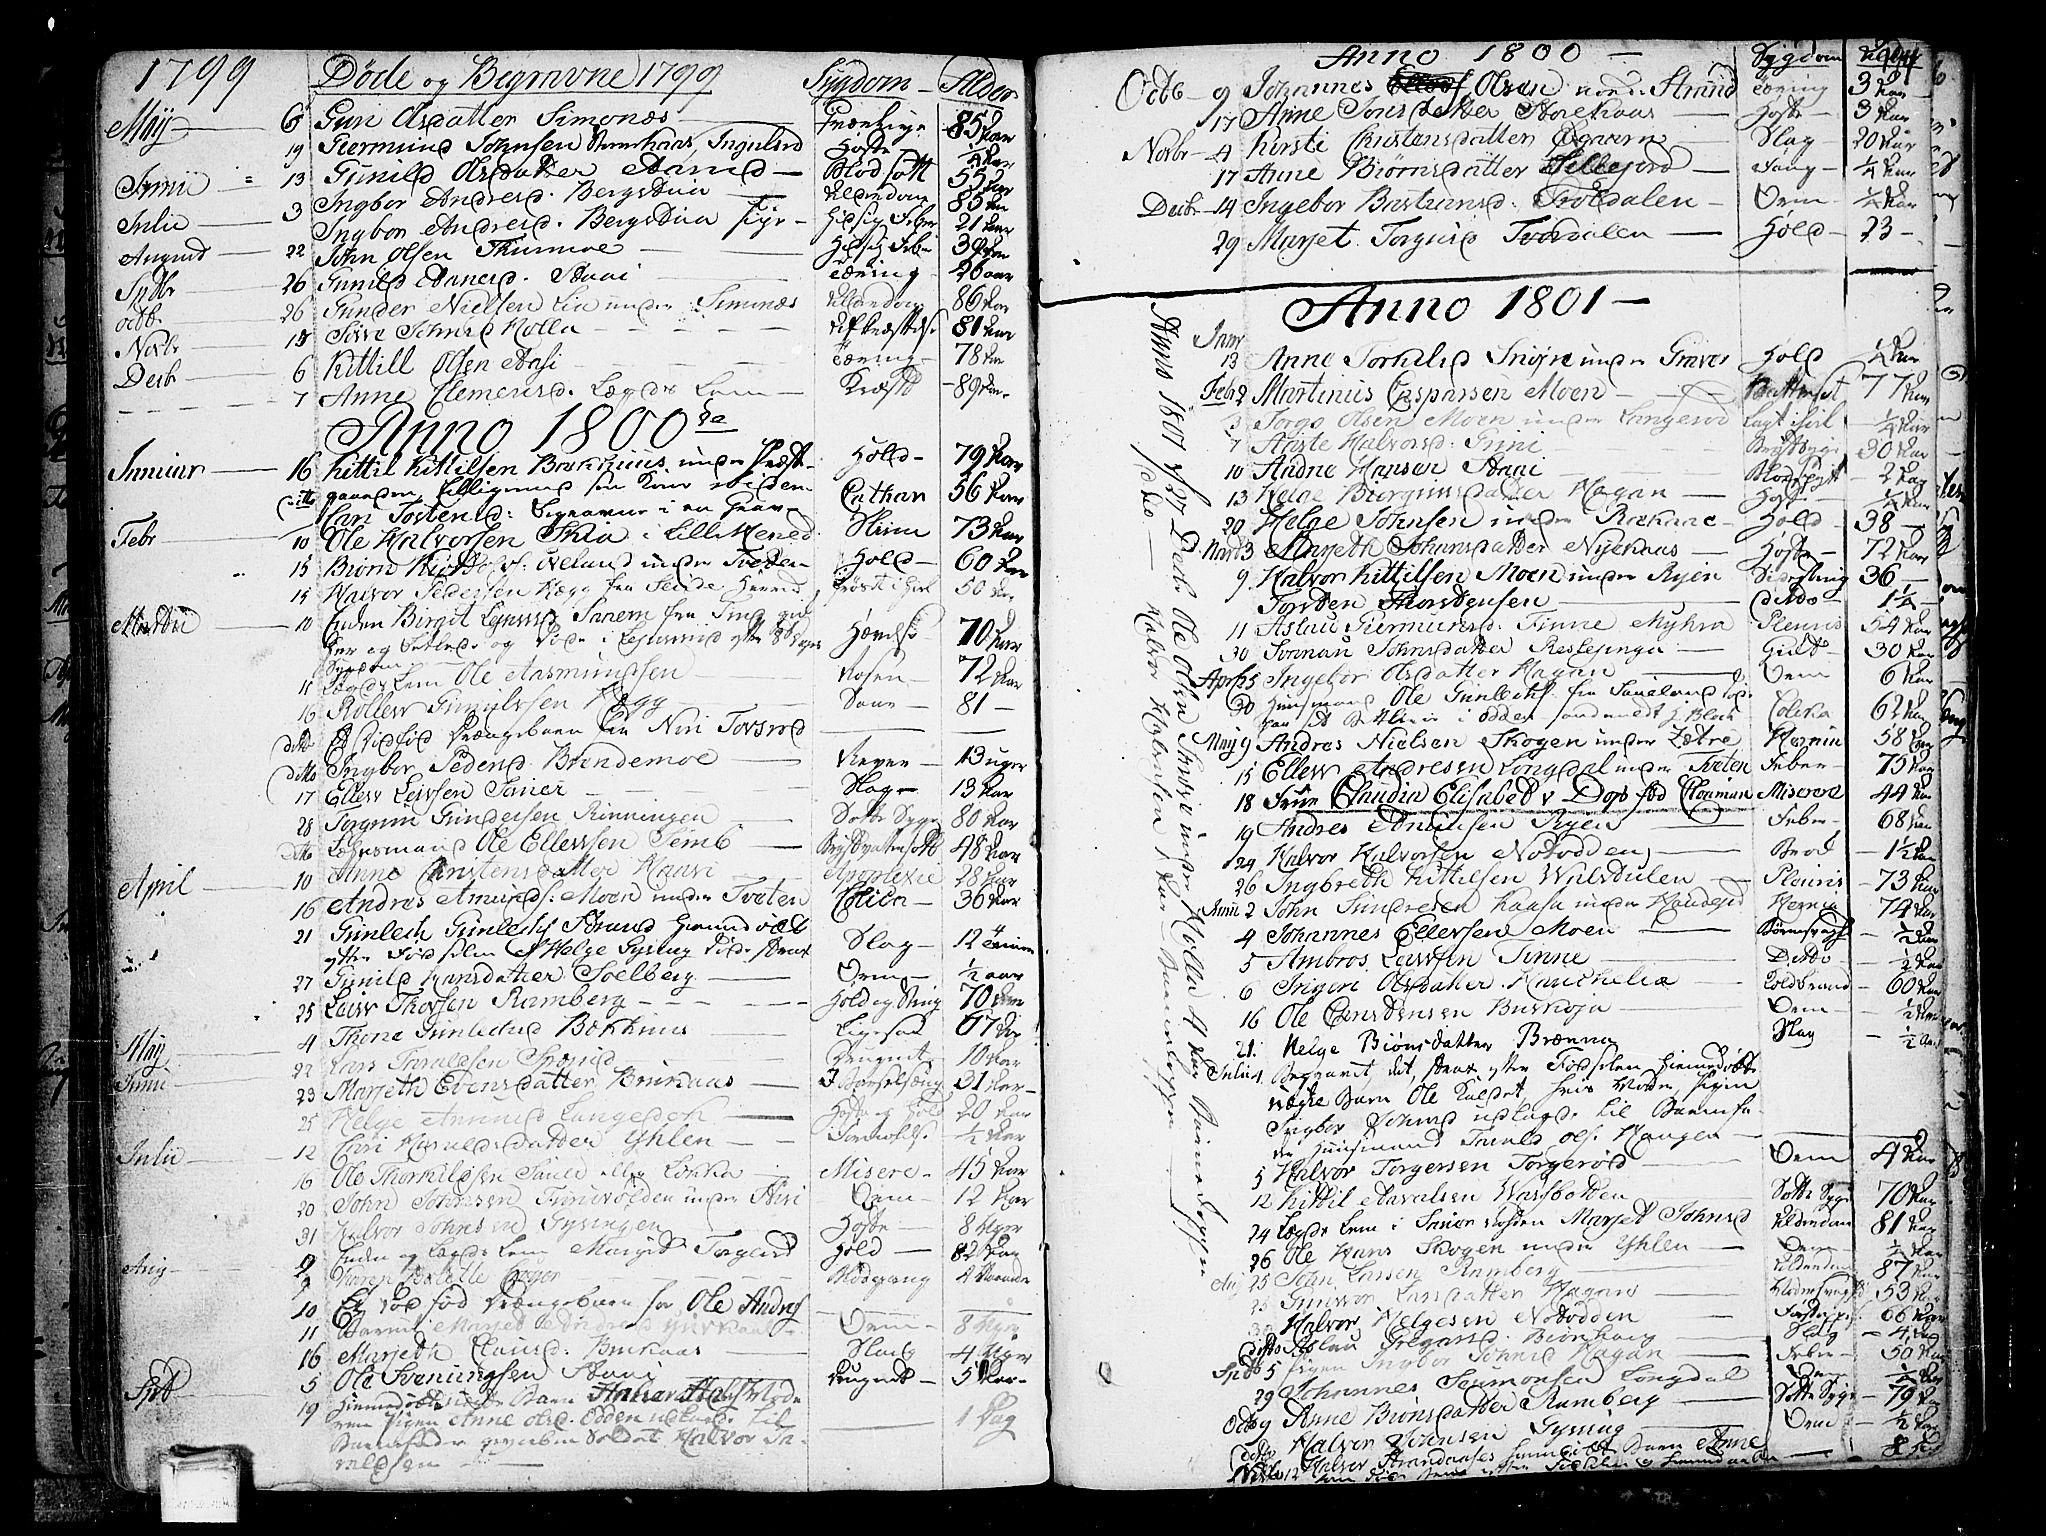 SAKO, Heddal kirkebøker, F/Fa/L0004: Ministerialbok nr. I 4, 1784-1814, s. 194